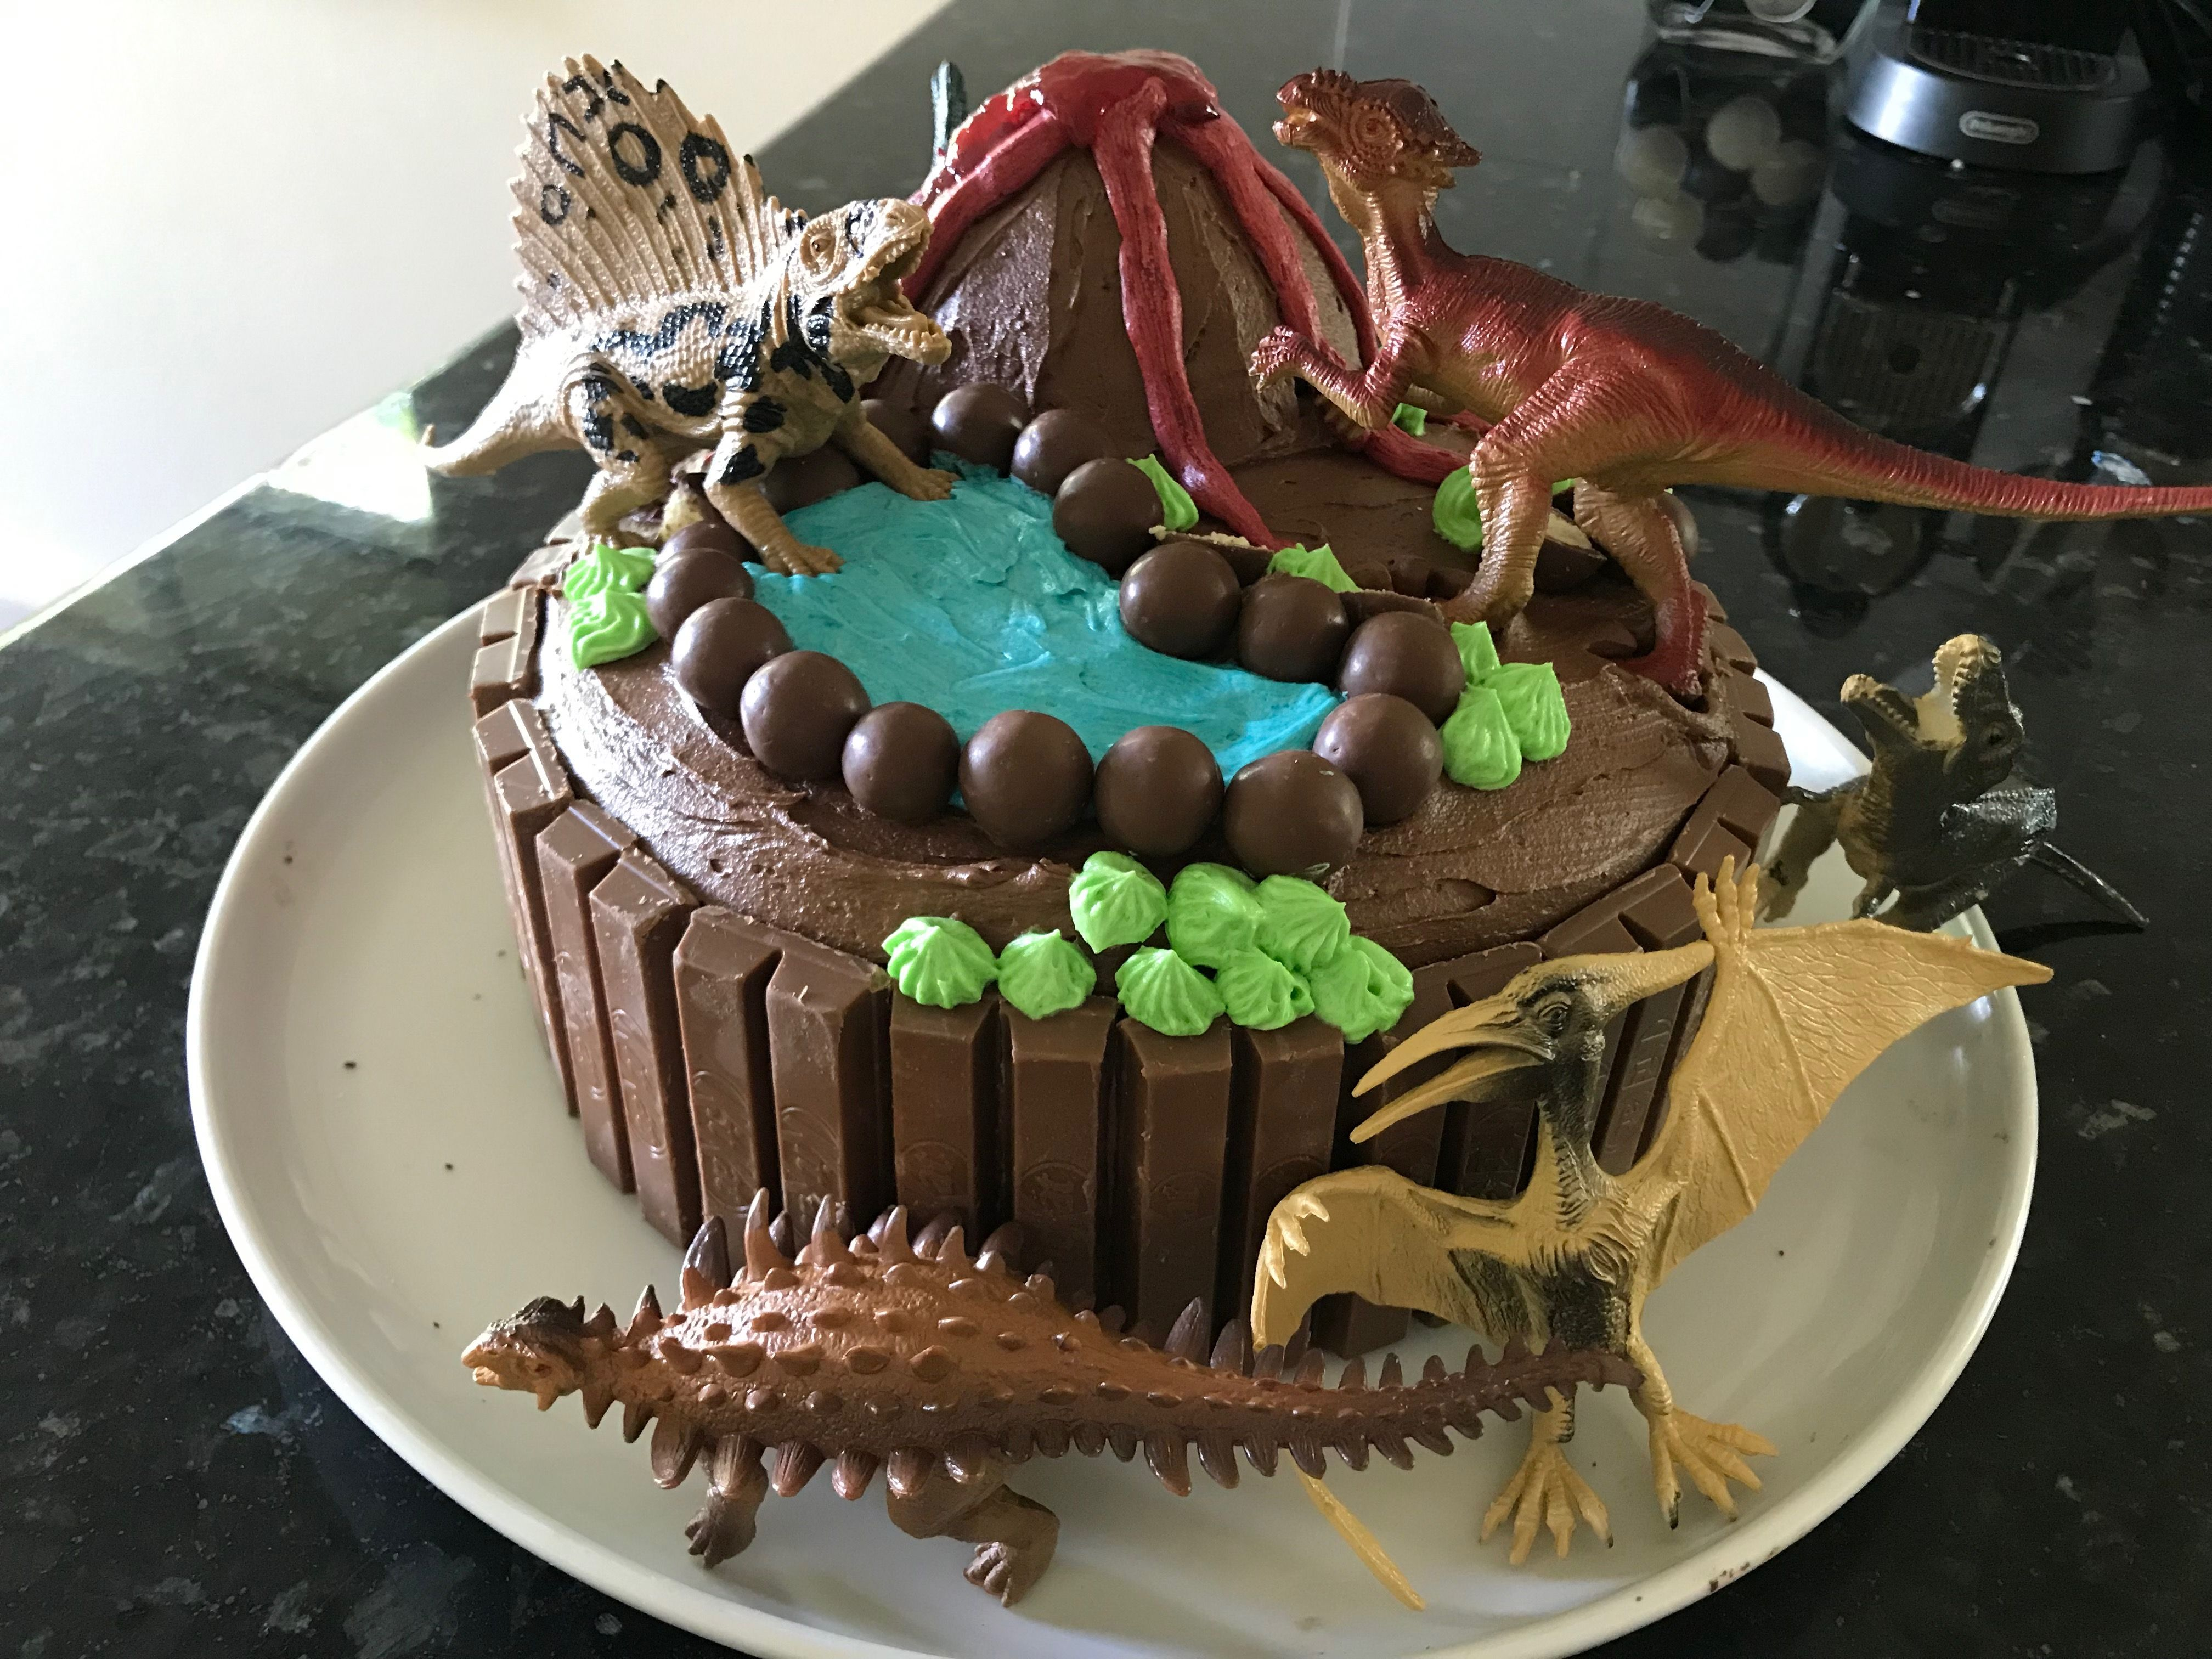 Easy Dinosaur Cake Dinosaur Birthday Cakes Dinosaur Cake Easy Dino Cake